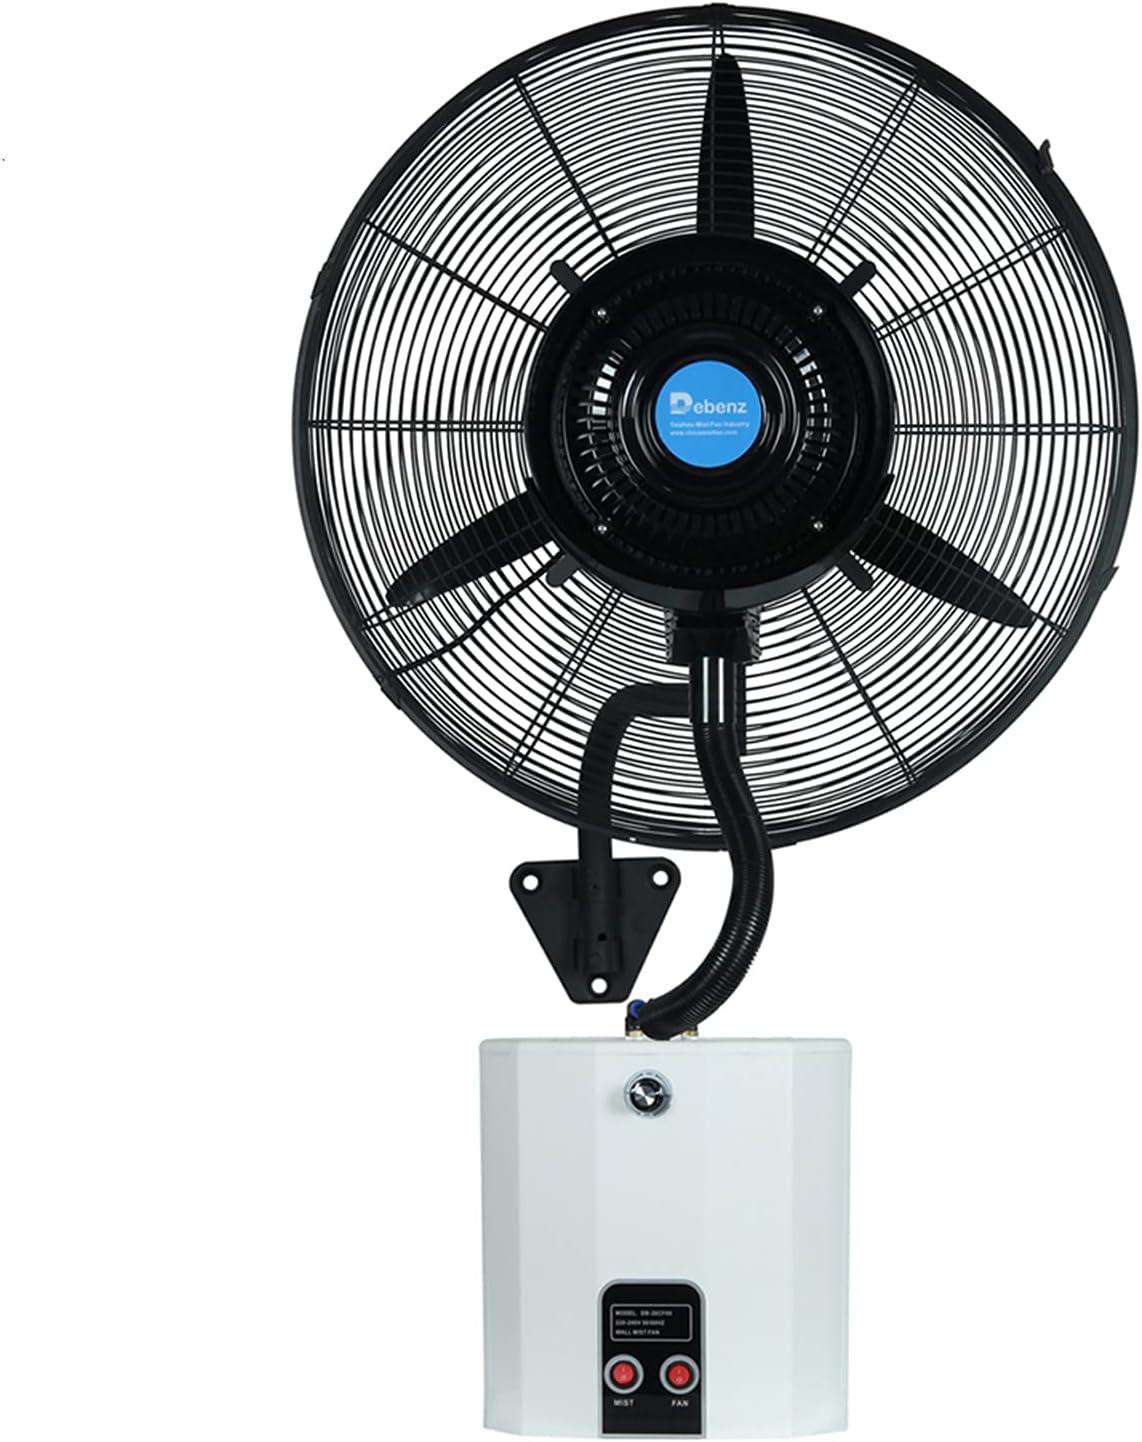 Gmjay Ventilador Montado en la Pared, Ventilador de Pulverización Colgante, Humidificación de Atomización de Temperatura Fría de Pared con Tanque de Agua, Ventilador de Cabeza Agitadora